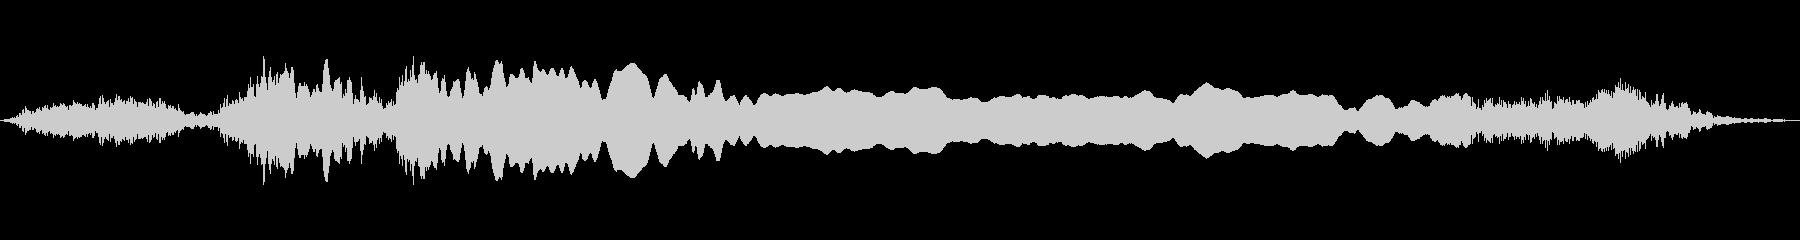 ファームルースター:INT:シング...の未再生の波形